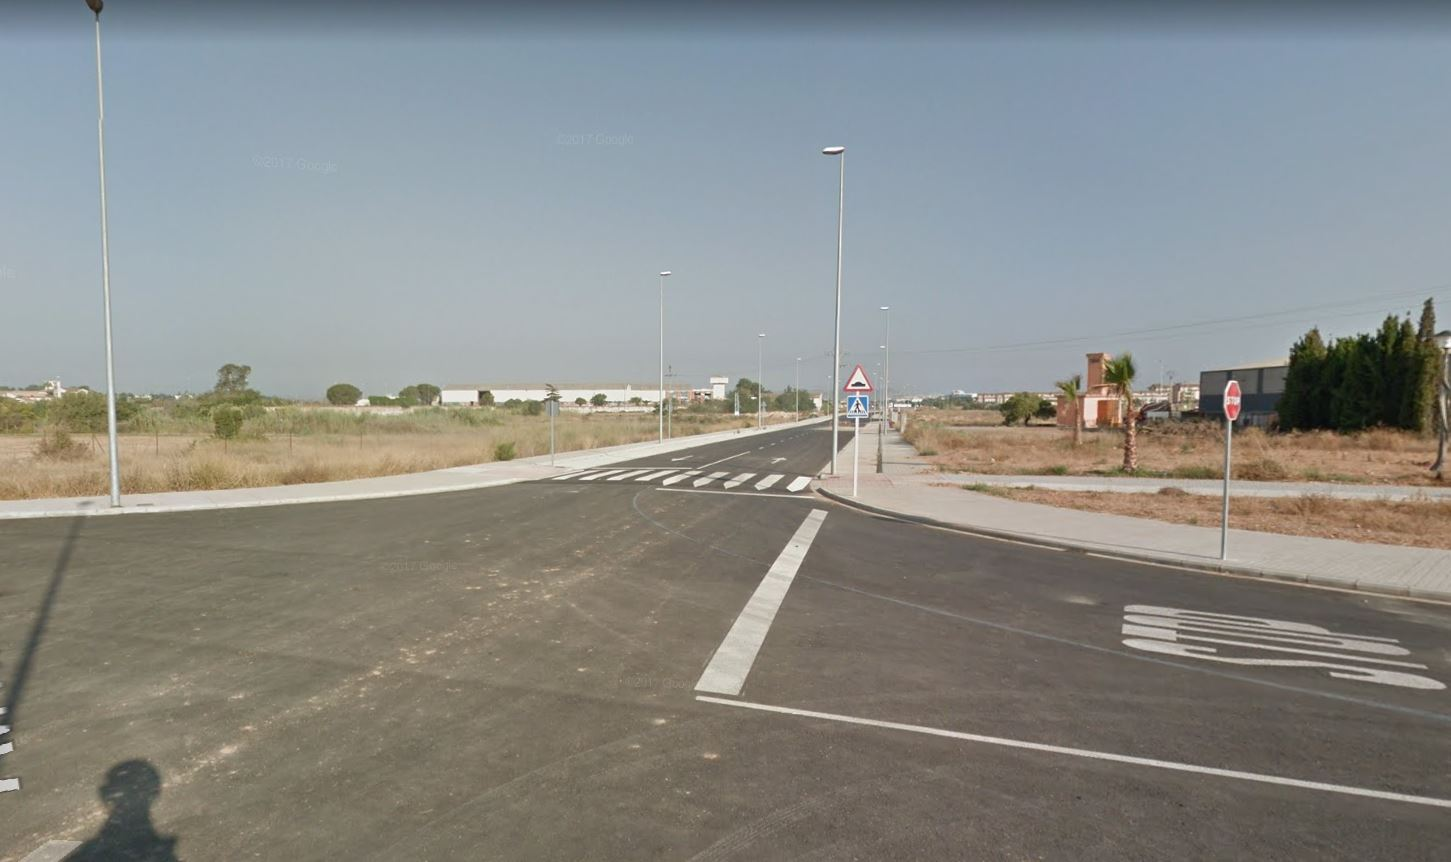 El primer edil, Salva Torrent, va anunciar l'arribada de la primera empresa a la nova àrea industrial, concretament, la valenciana  que ocuparà una parcel•la de 20.000 metres quadrats.